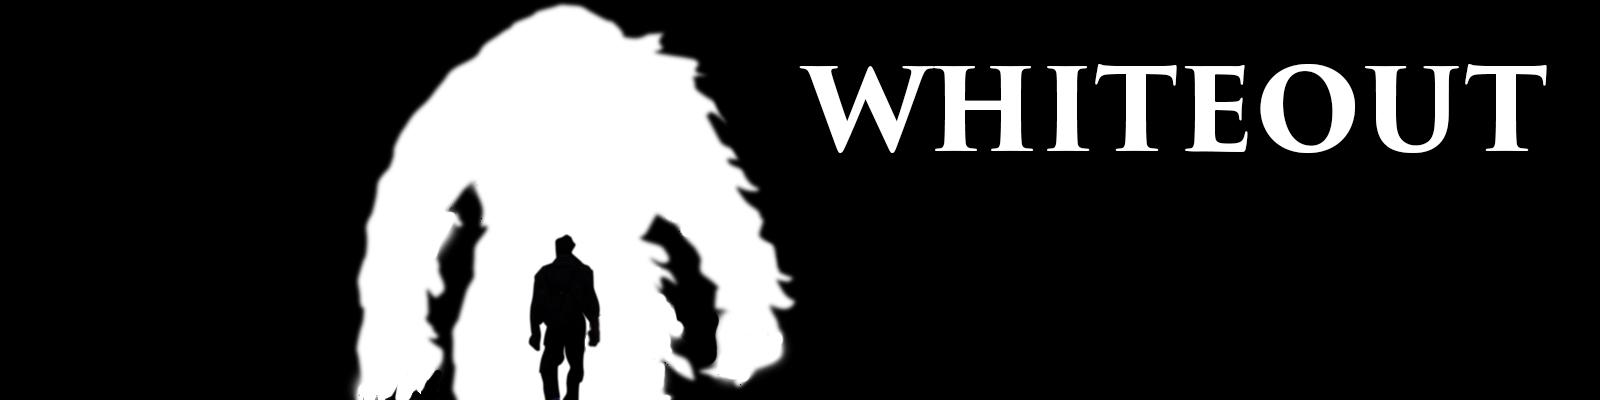 Whiteout_Logo1